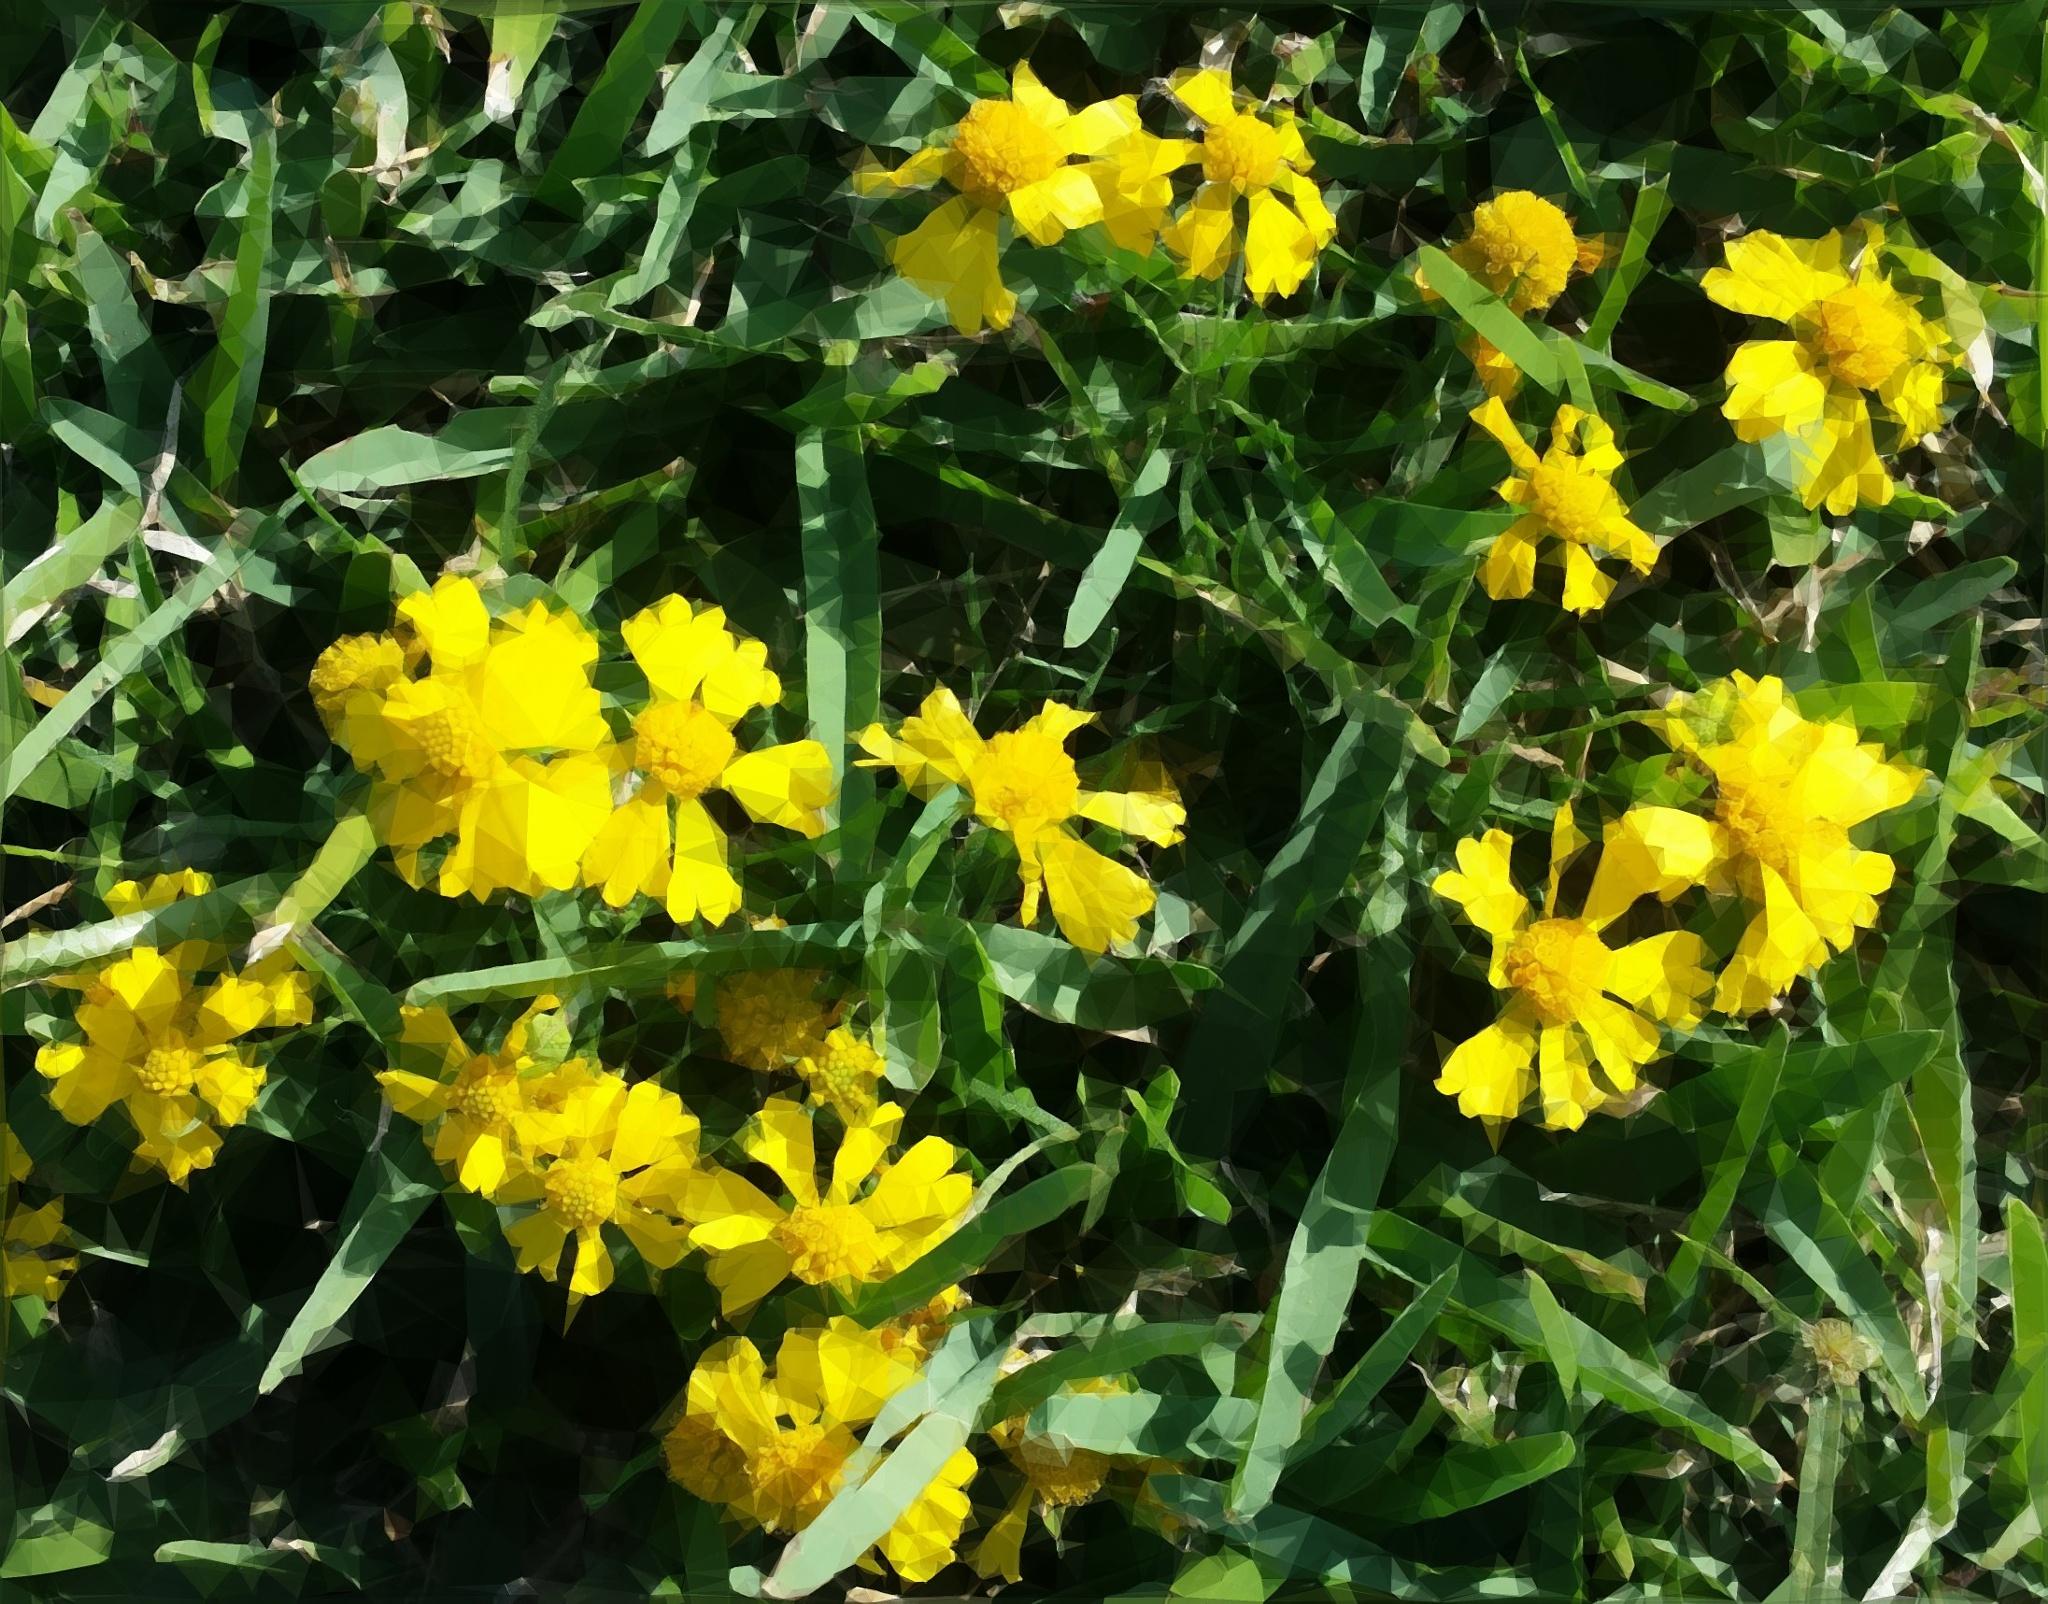 Littered in Flowers by Missy Rubenstein